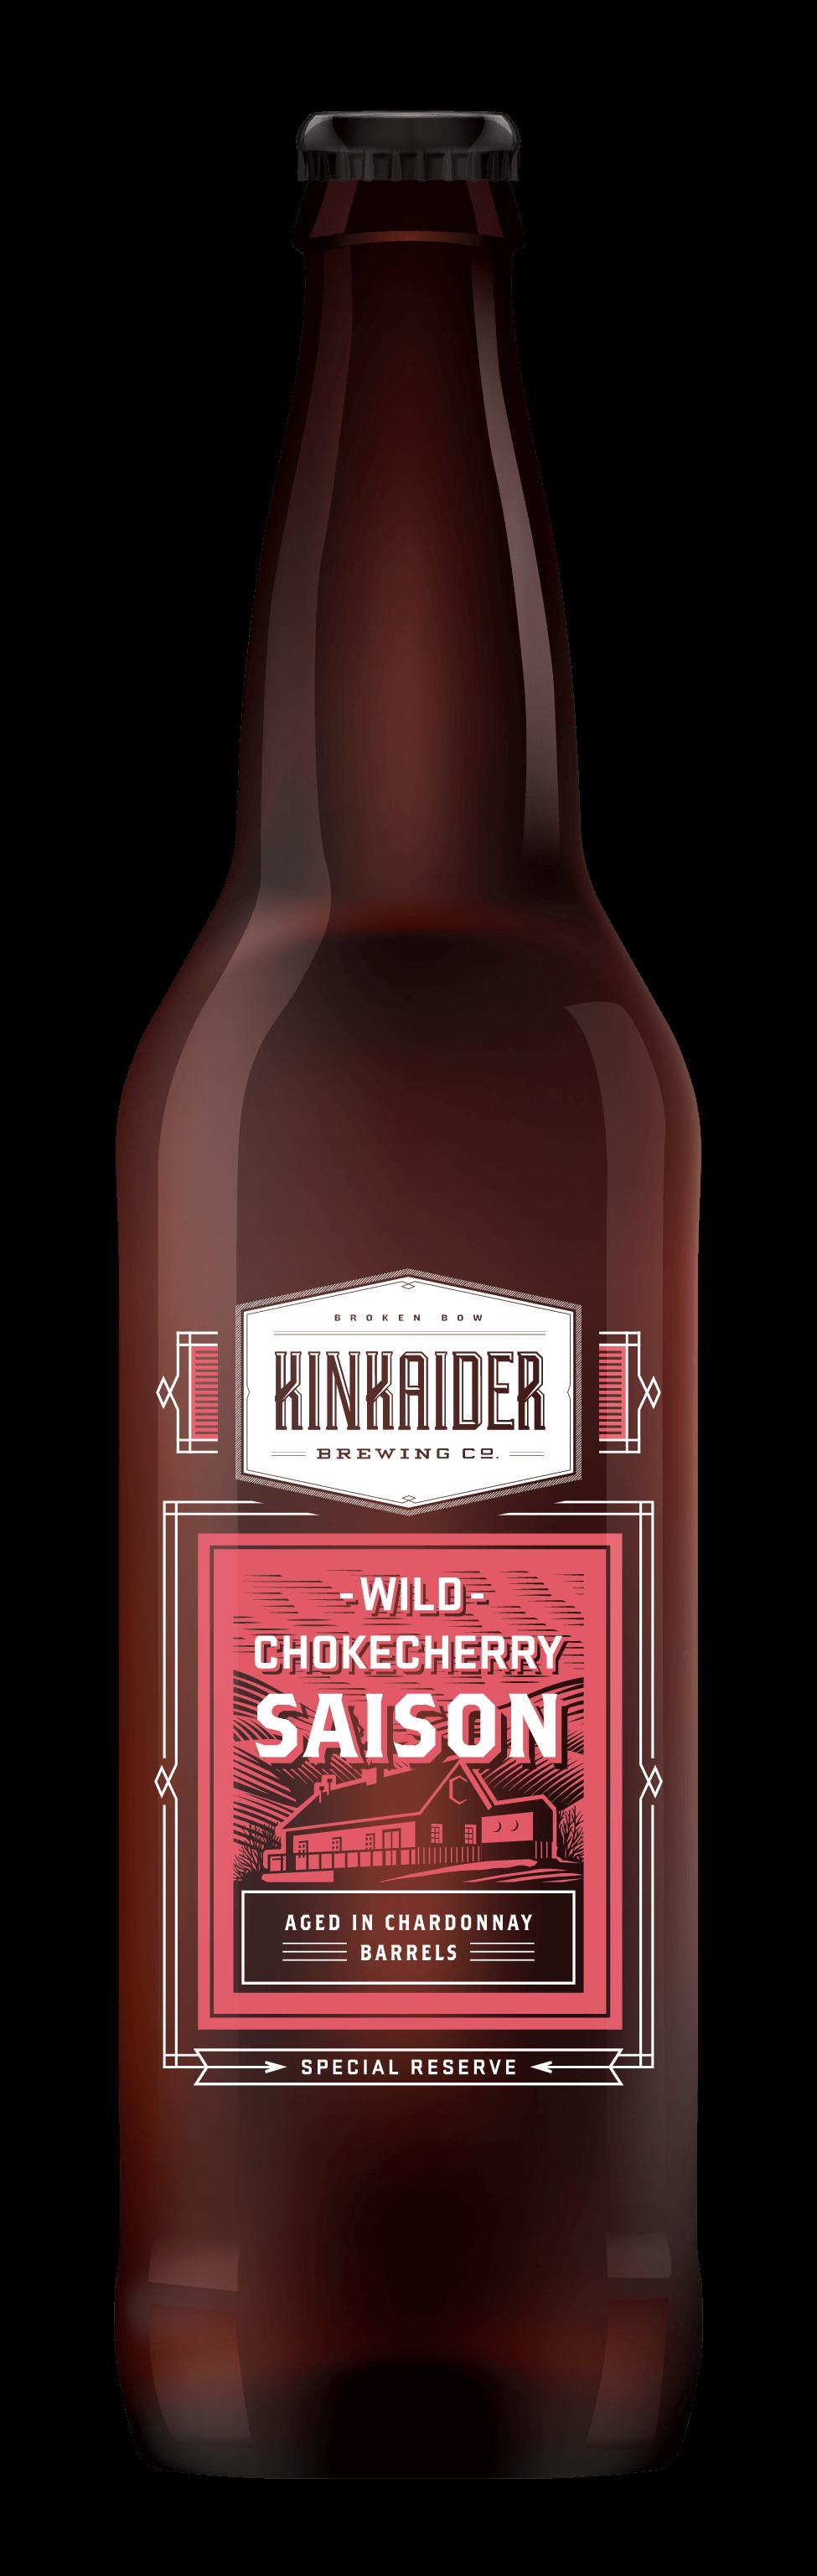 Wild Chokecherry